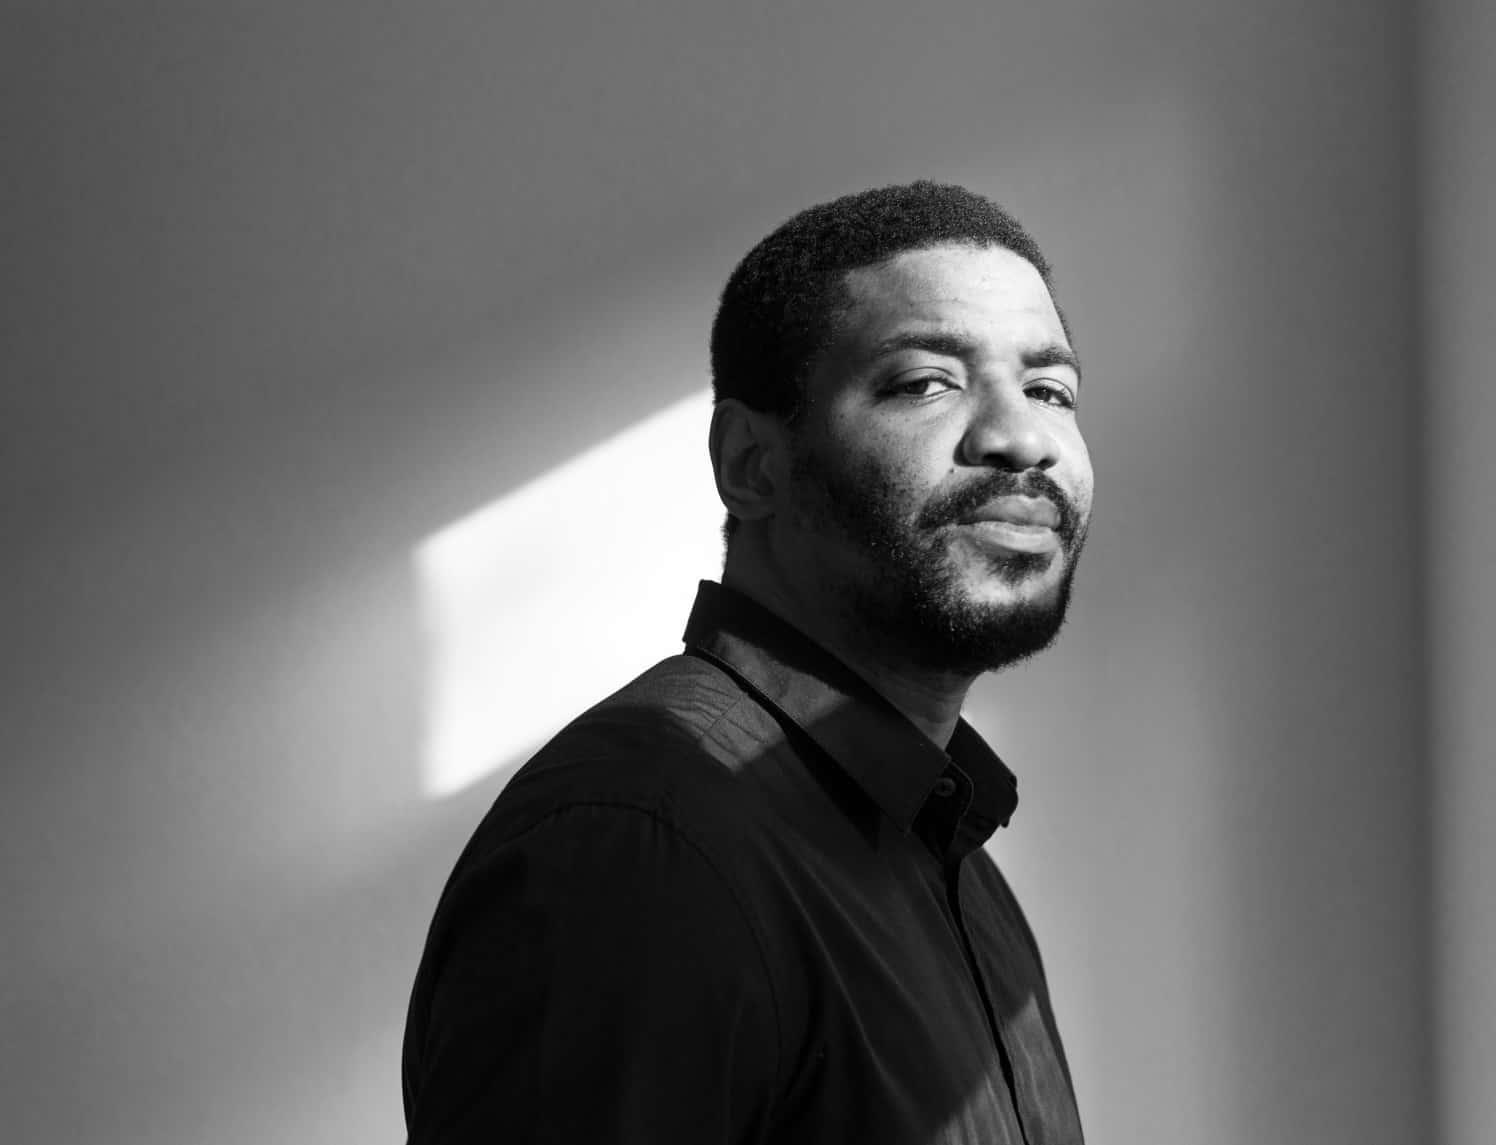 Emeka Ogboh, photographié par Michael Danner